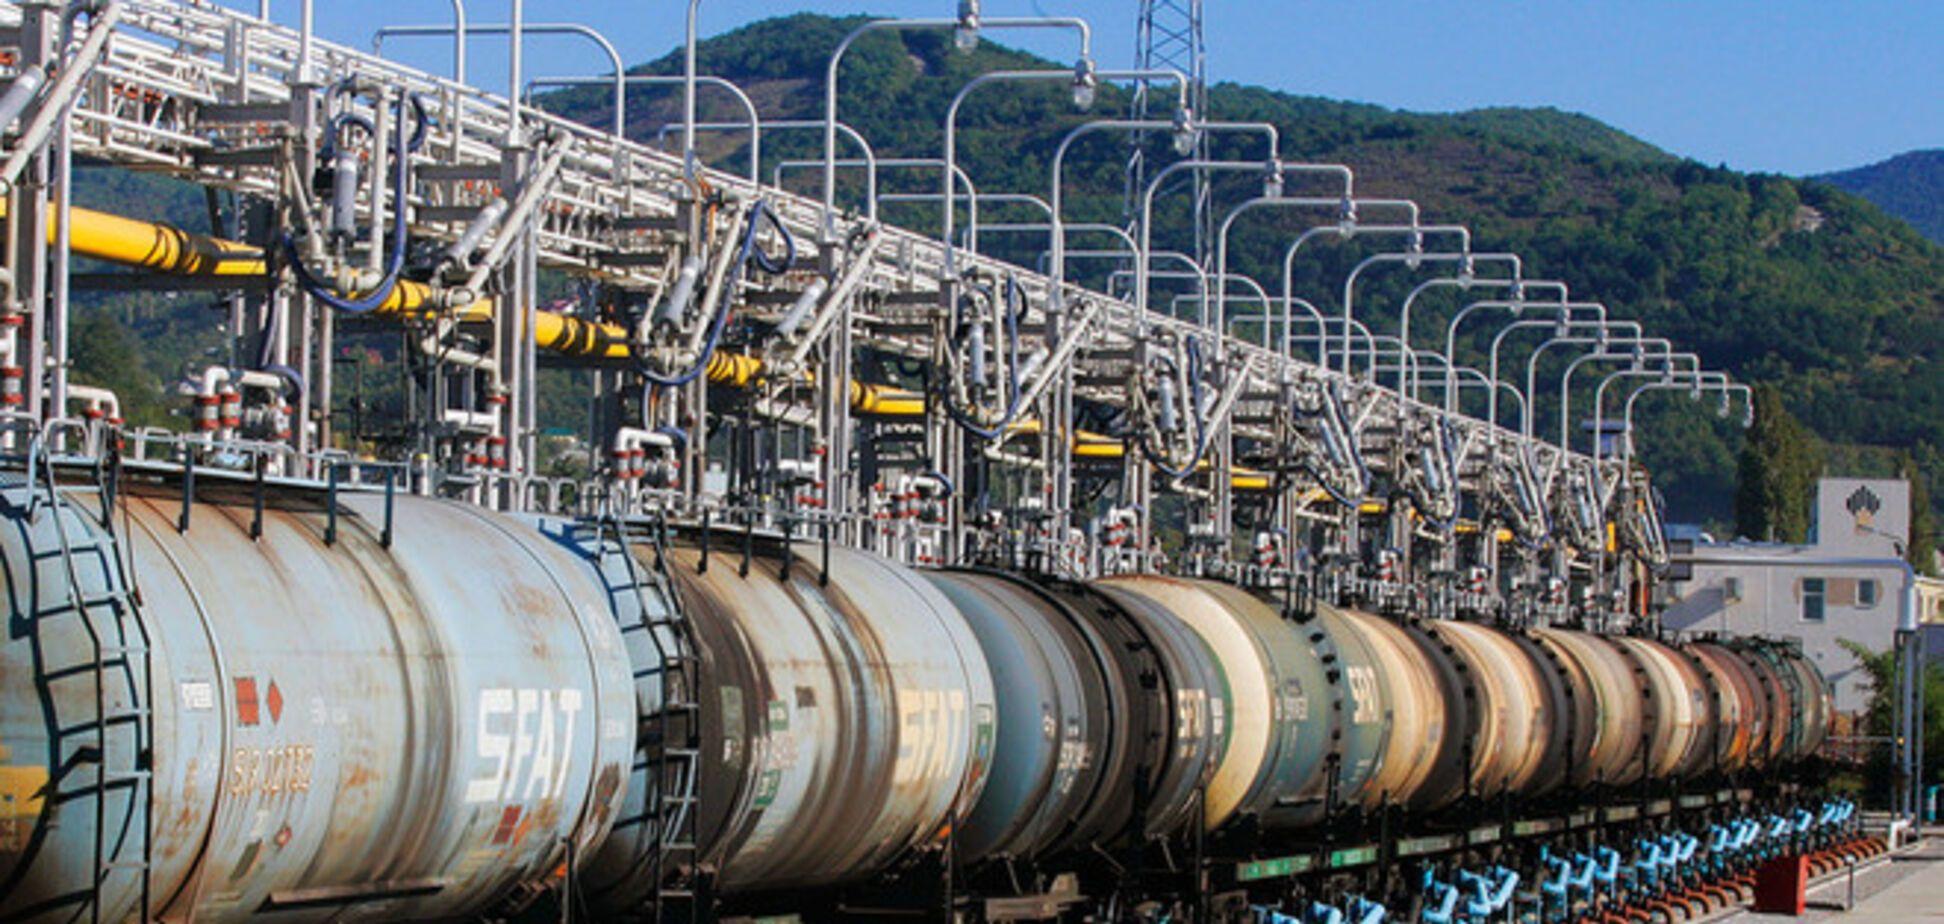 Аваков: объем злоупотреблений в сфере нефтепродуктов достигал $4 млрд ежегодно